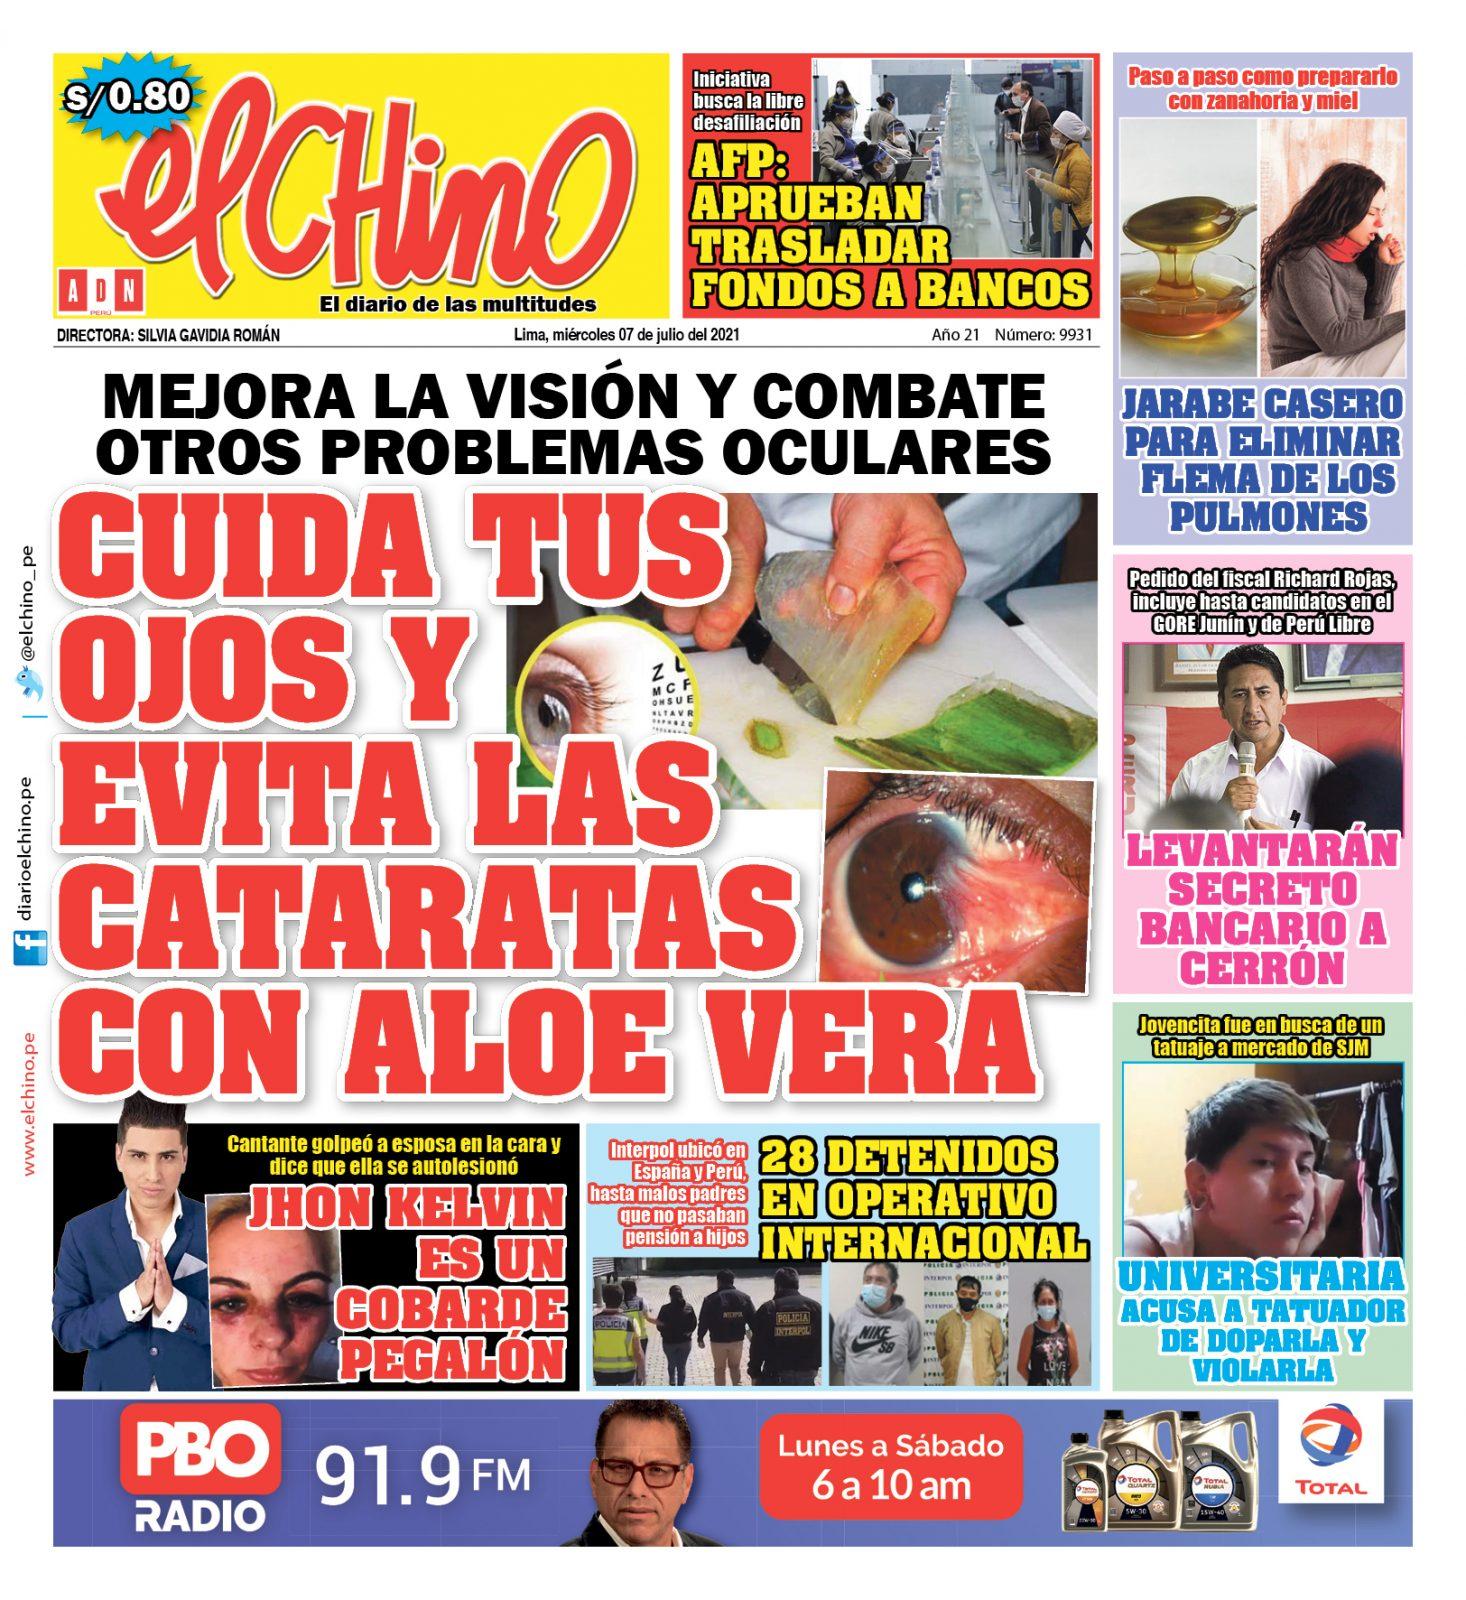 Portada impresa – Diario El Chino (07/07/2021)